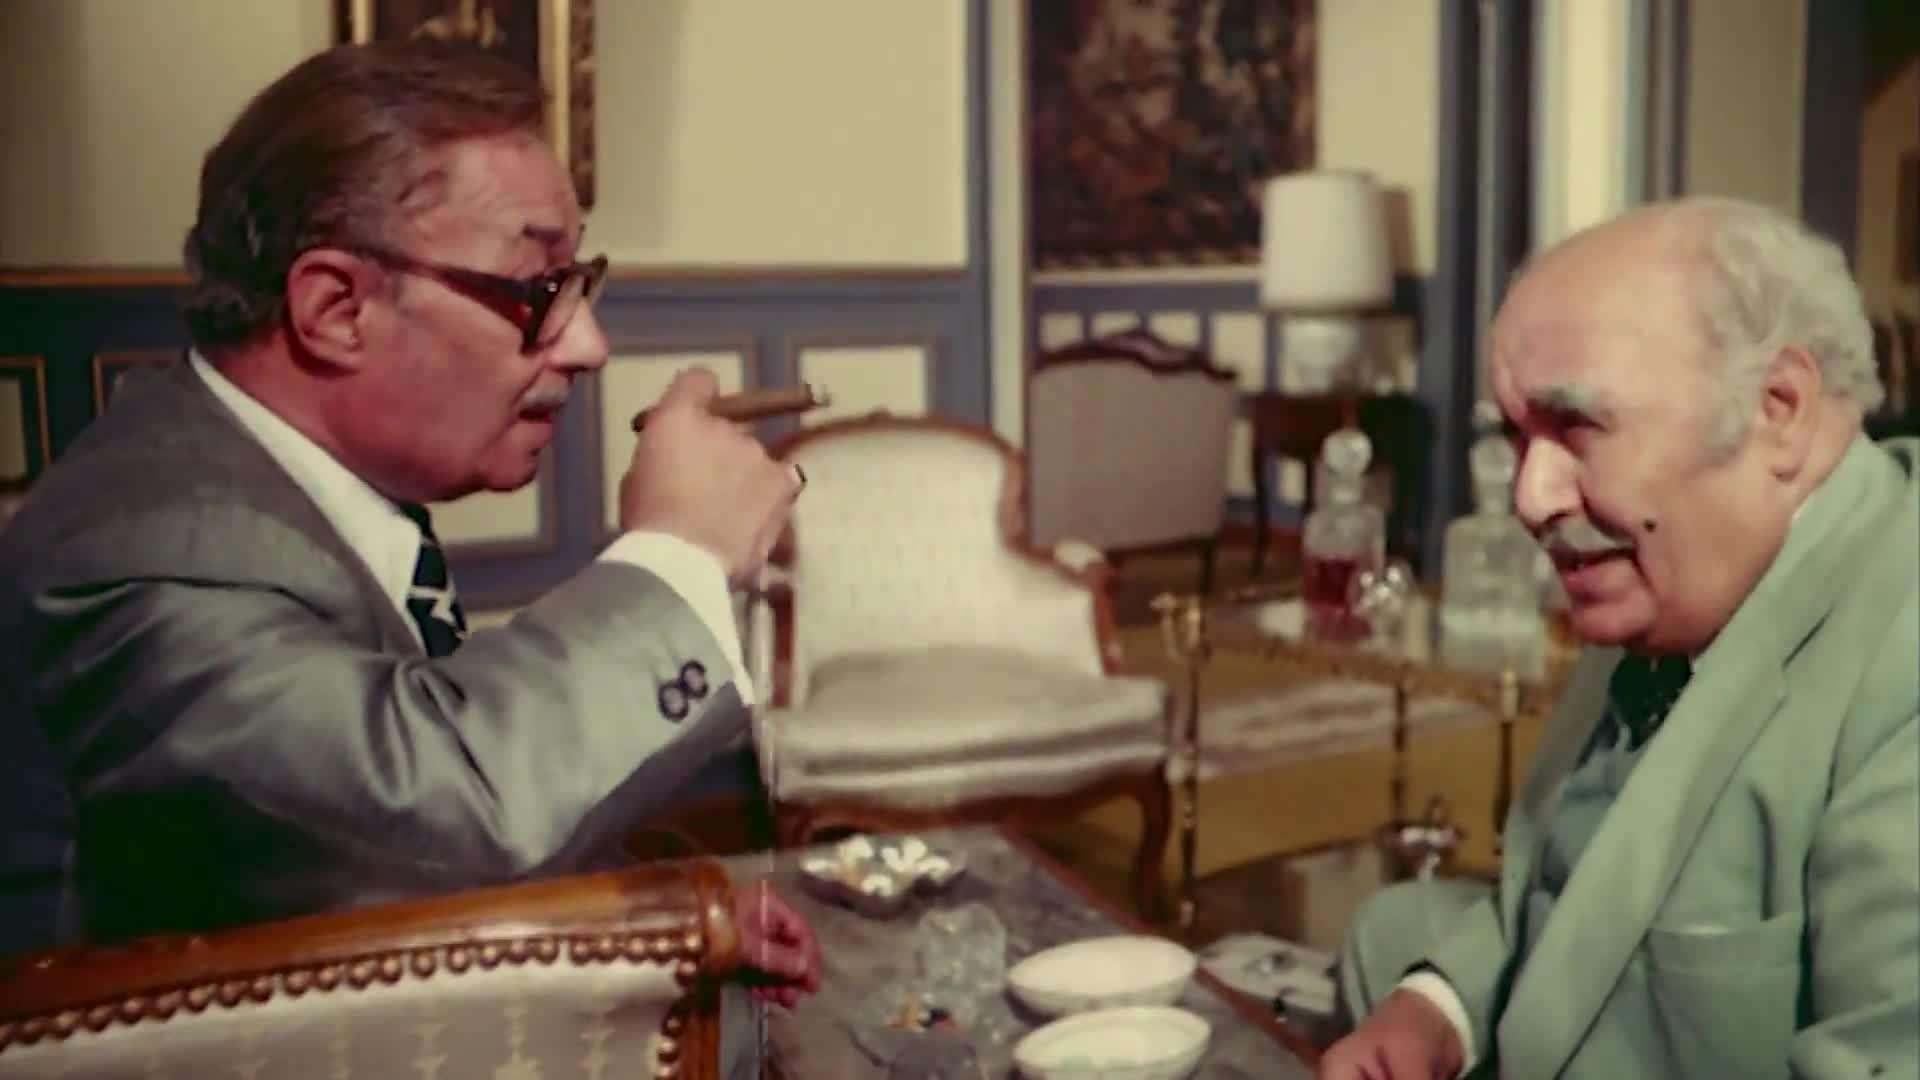 [فيلم][تورنت][تحميل][العار][1982][1080p][Web-DL] 8 arabp2p.com